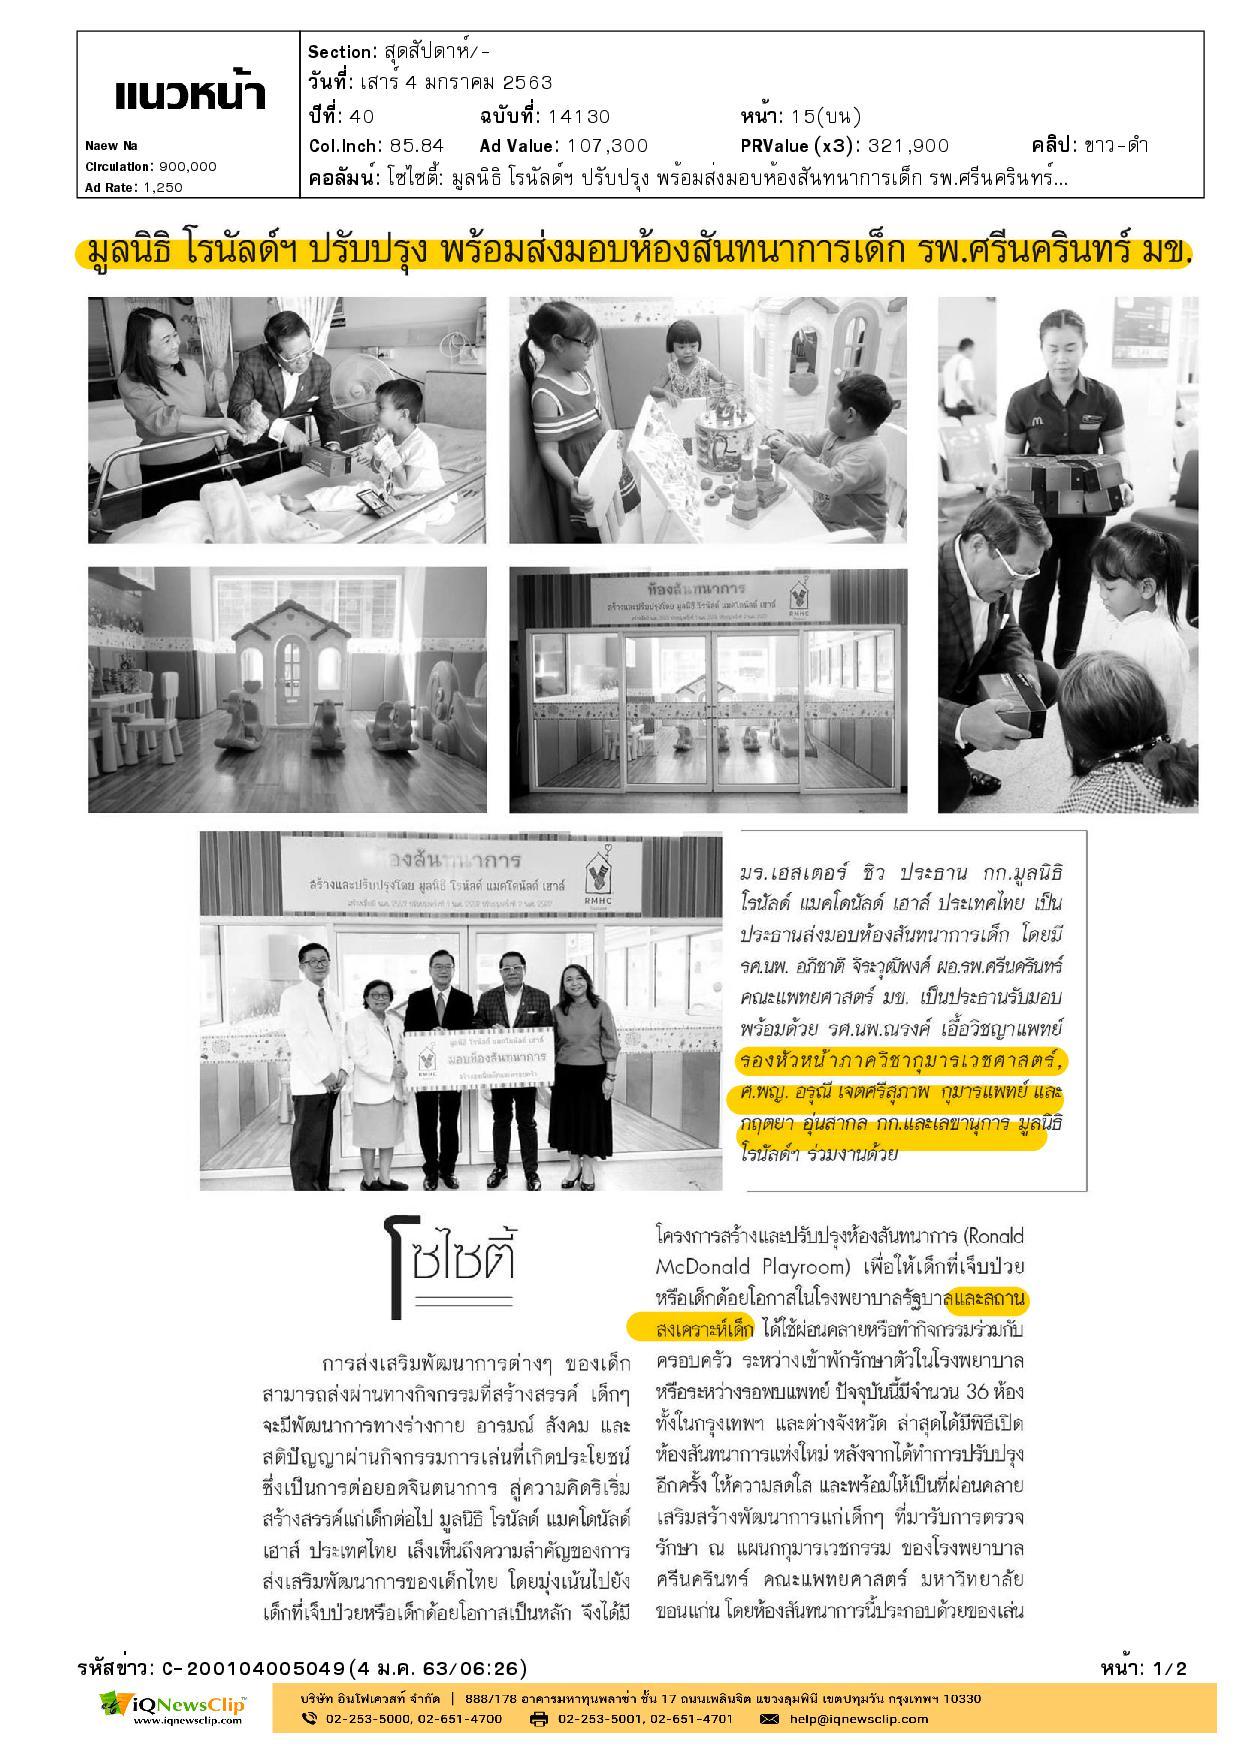 มูลนิธิ โรนัลด์ แมคโดนัลด์ เฮาส์ ประเทศไทย ปรับปรุง พร้อมส่งมอบห้องสันทนาการเด็ก รพ.ศรีนครินทร์ มข.